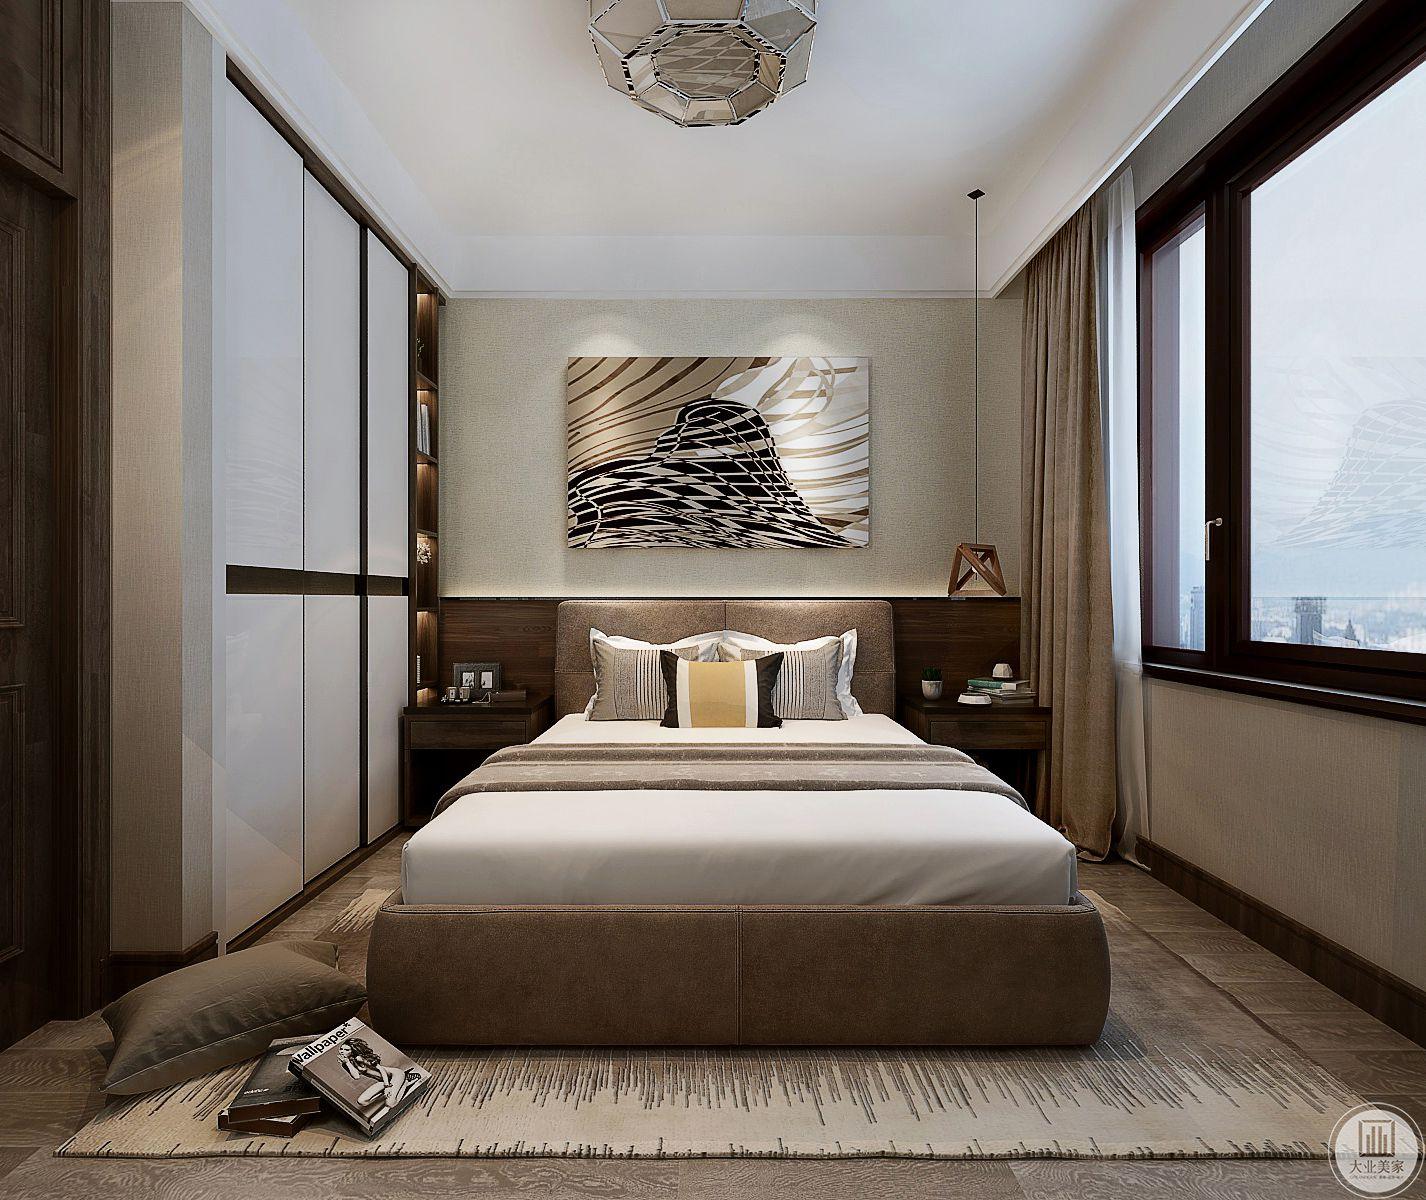 床头背景墙采用浅黄色壁纸,床头背景墙采用现代风格时尚挂画,两侧床头柜采用黑檀木制作。